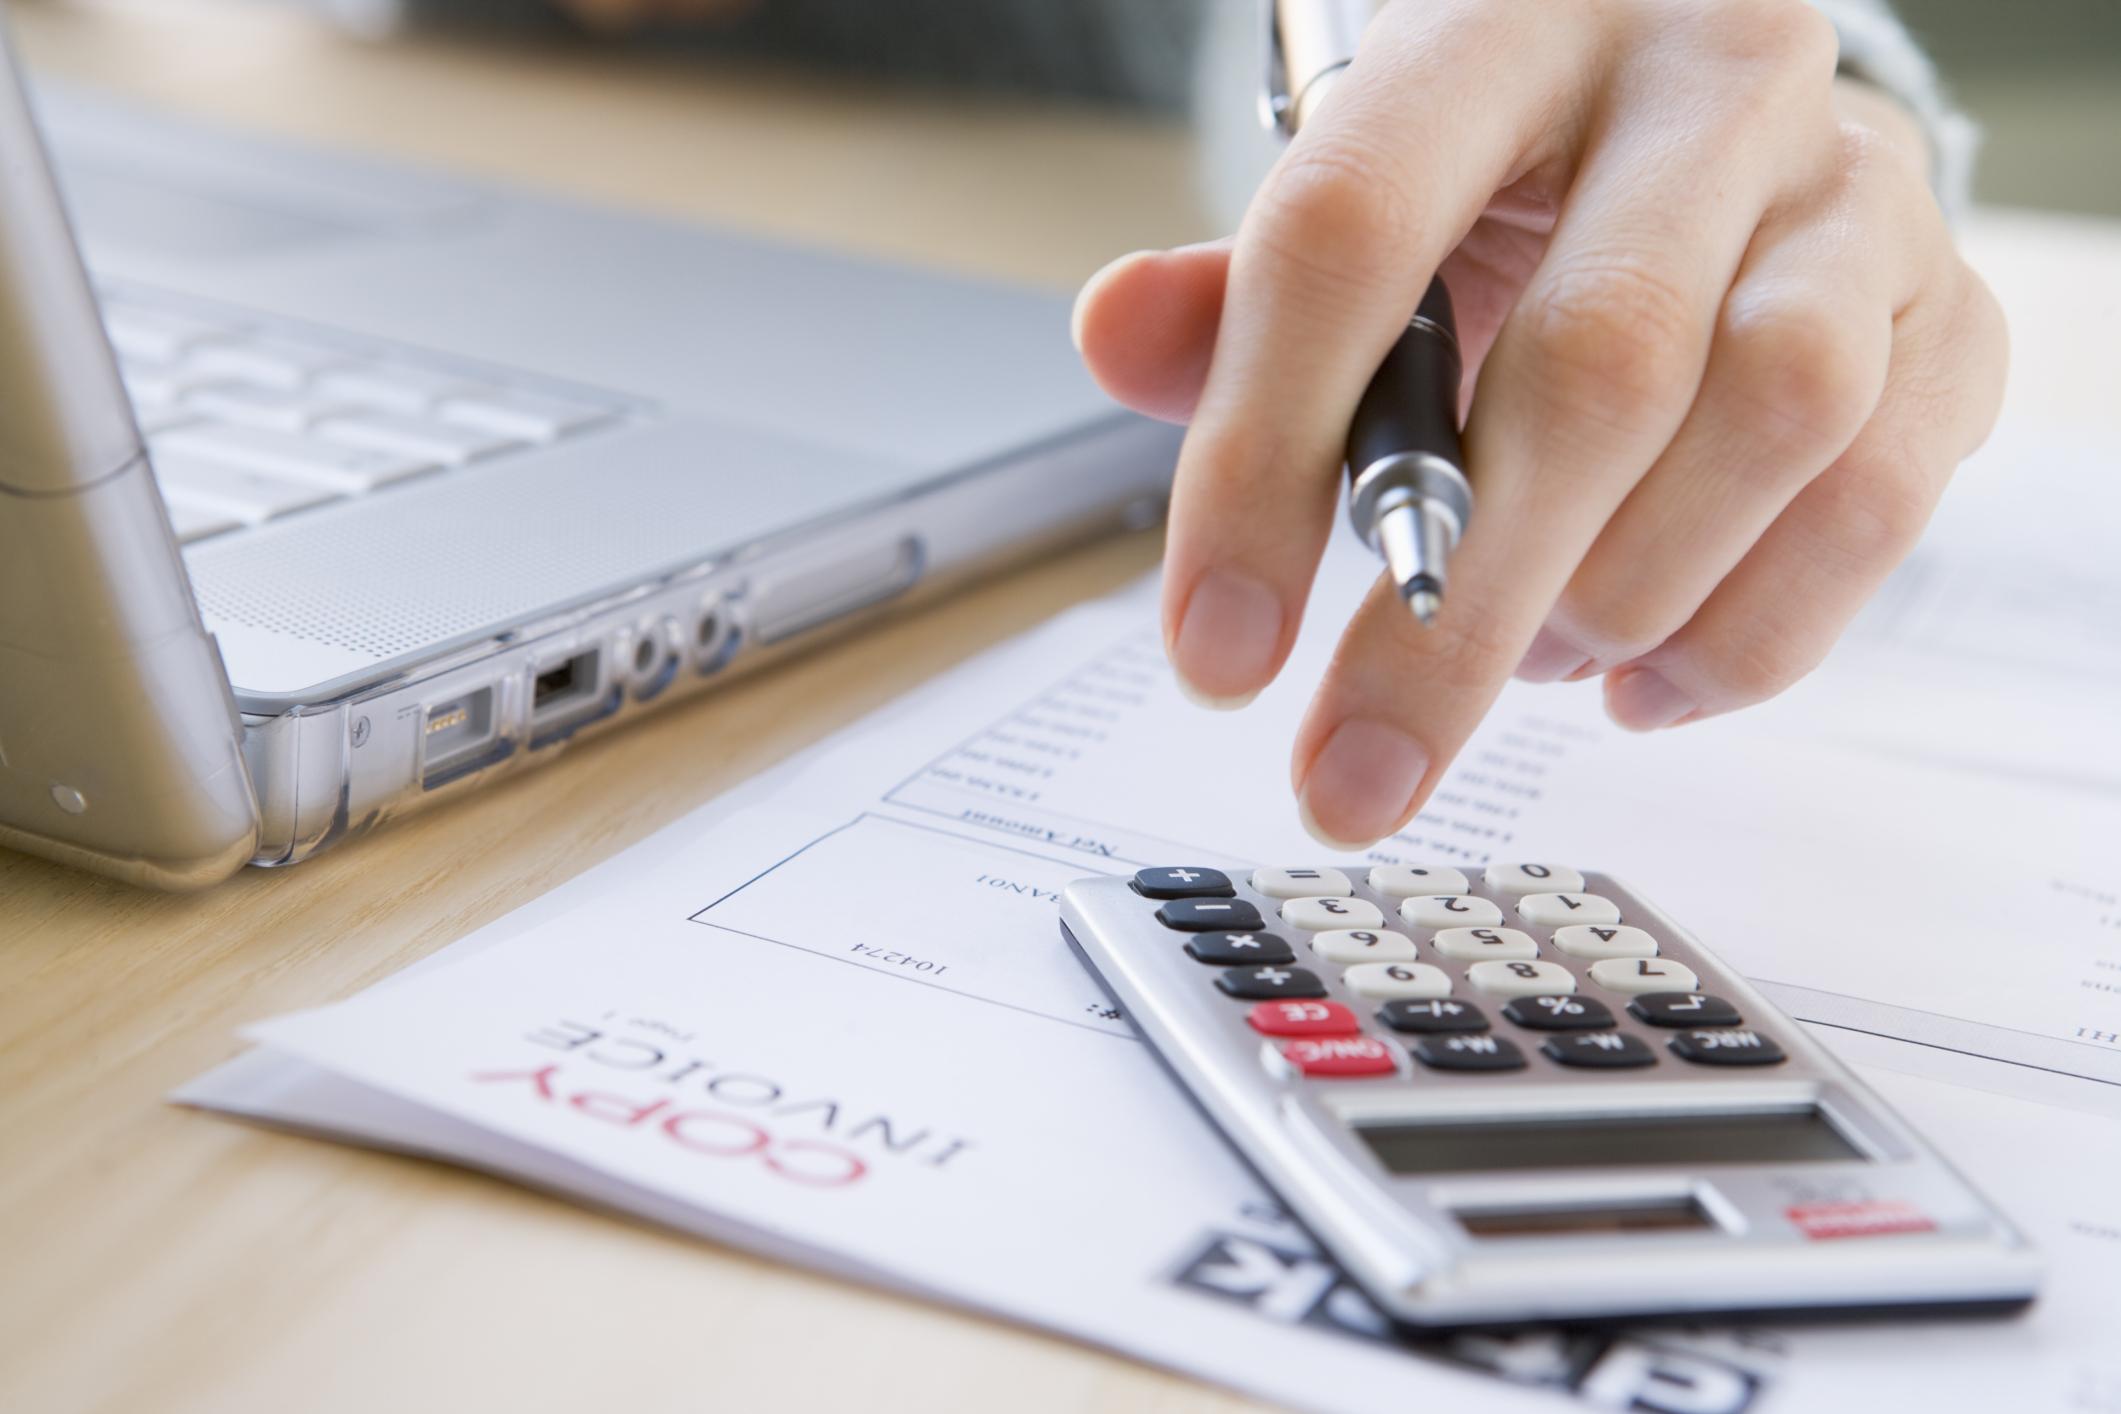 кредит отличается от финансов тем что